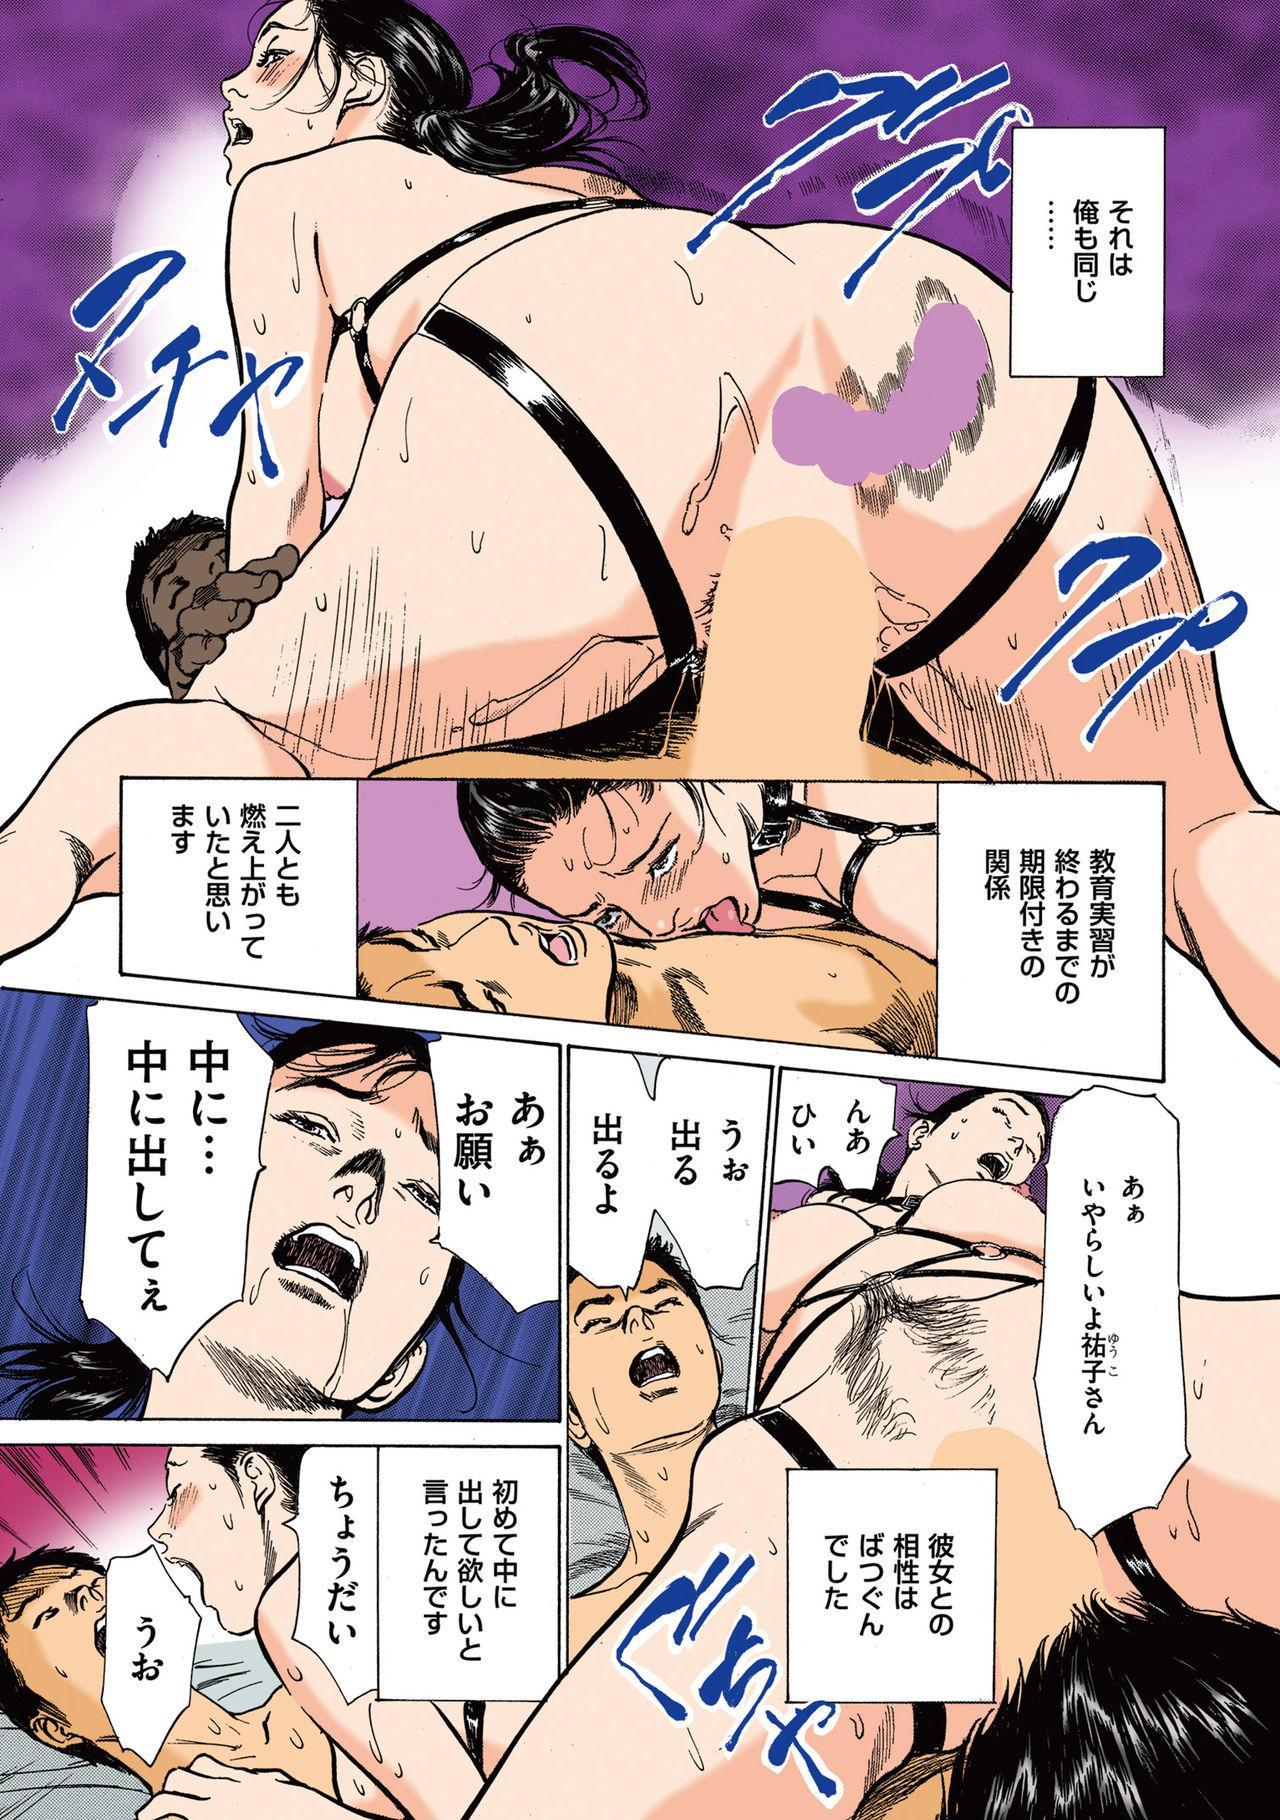 [Hazuki Kaoru] Hazuki Kaoru no Tamaranai Hanashi (Full Color Version) 2-1 18